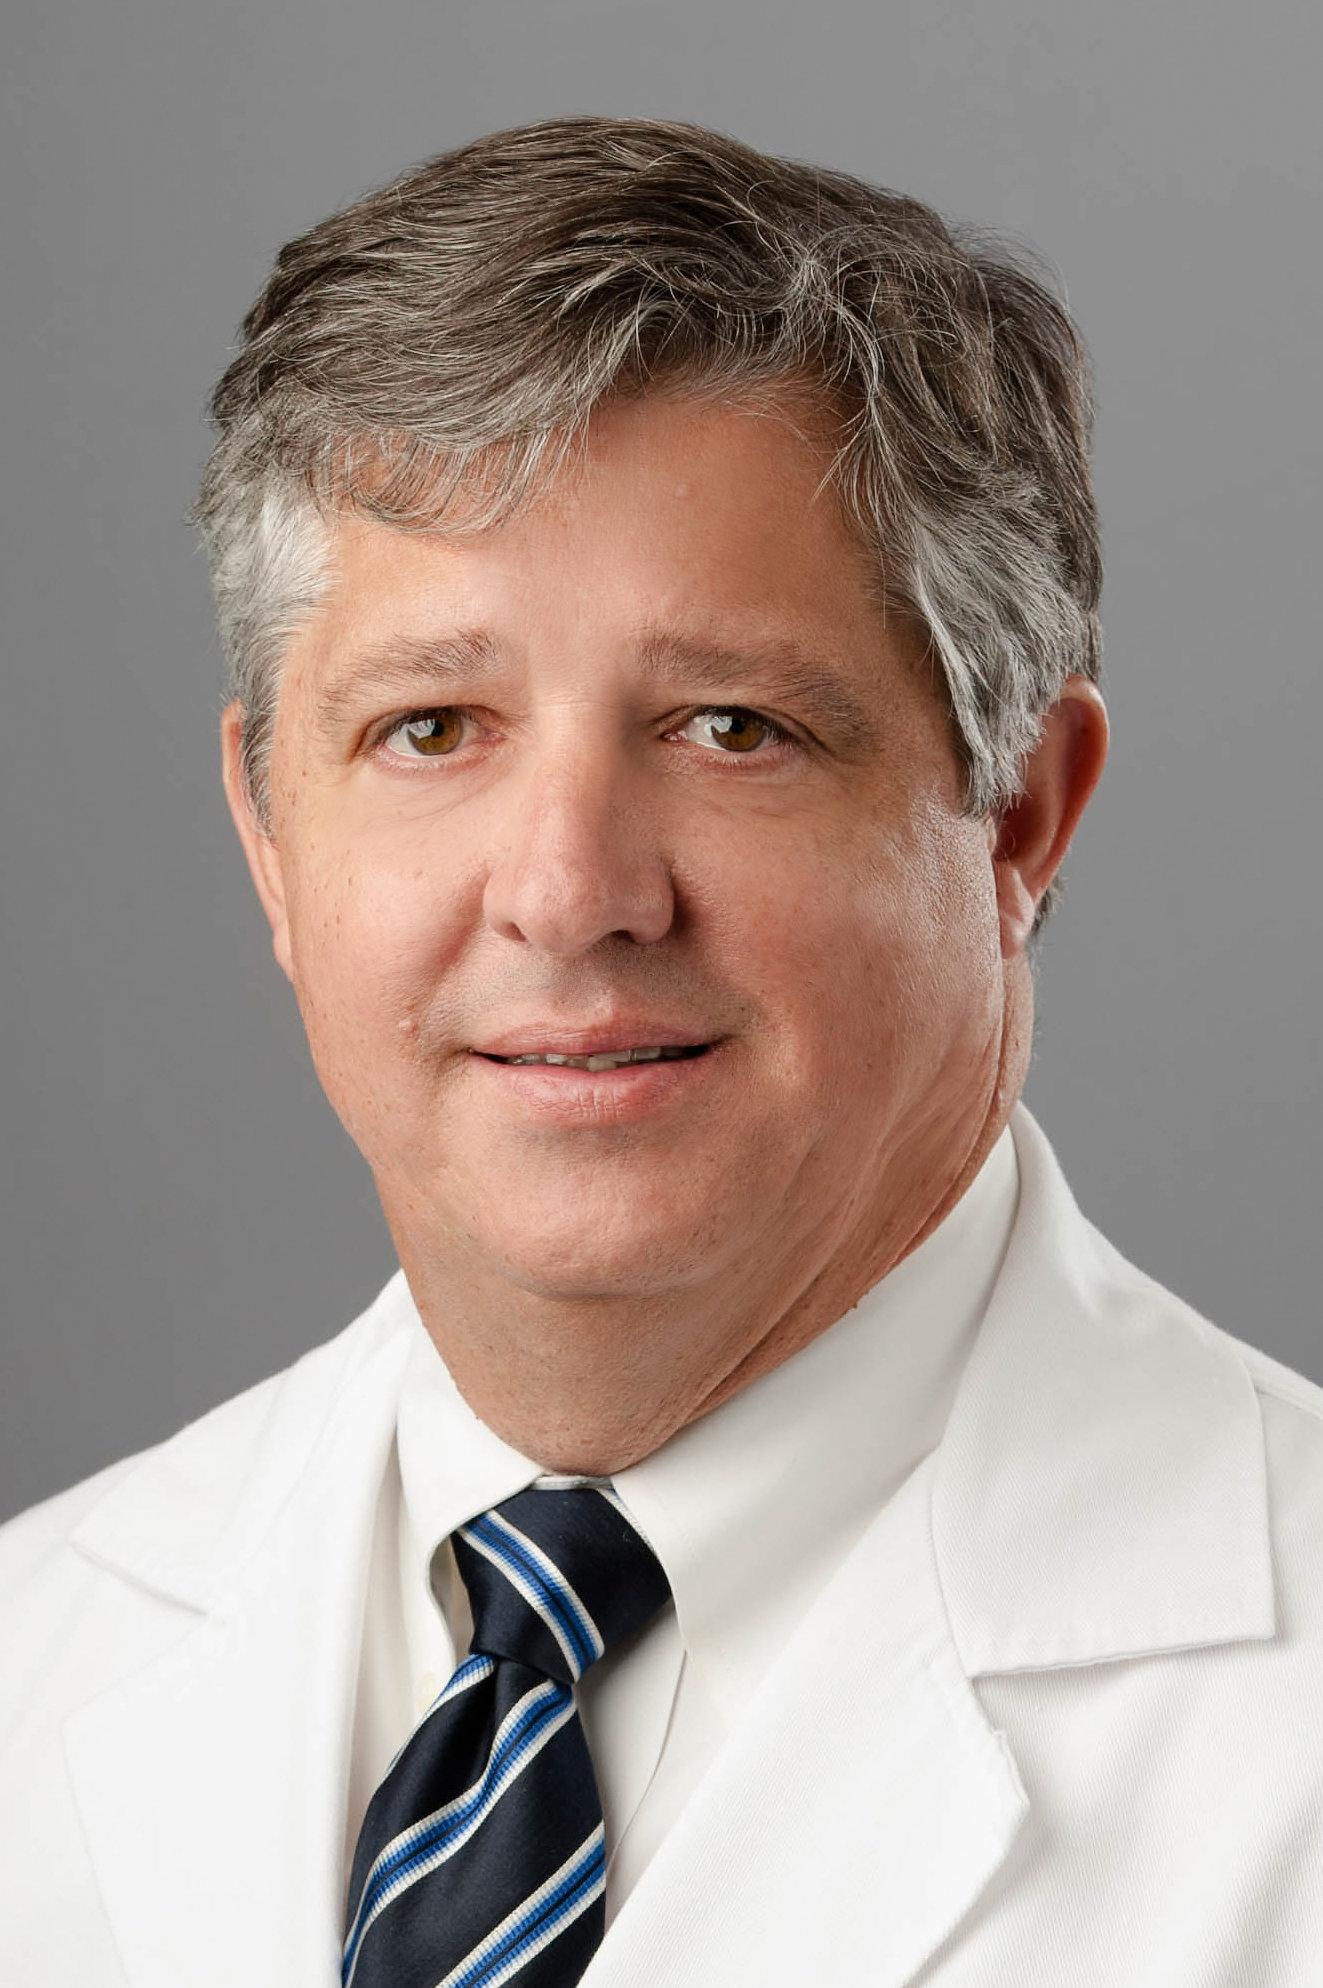 Winston R. Ortiz, M.D.